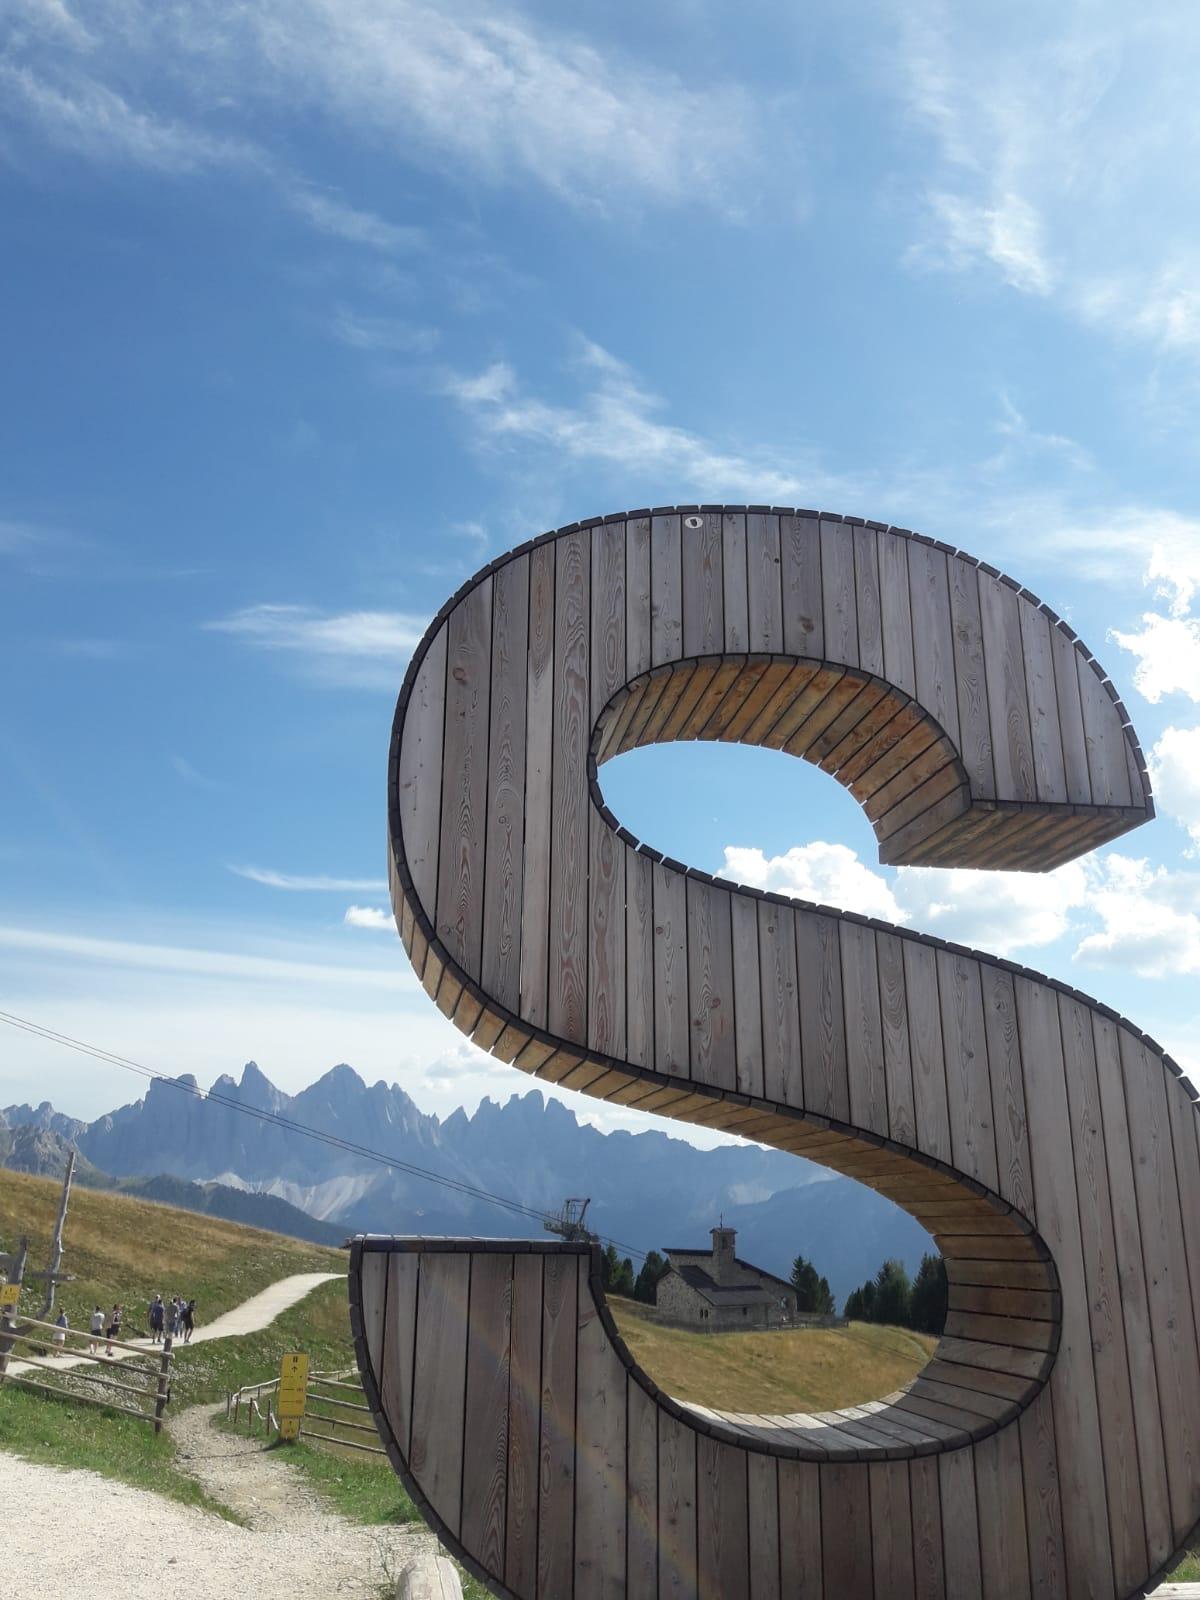 Urlaub in Südtirol, Wandern mit dem Buggy, Woody Walk